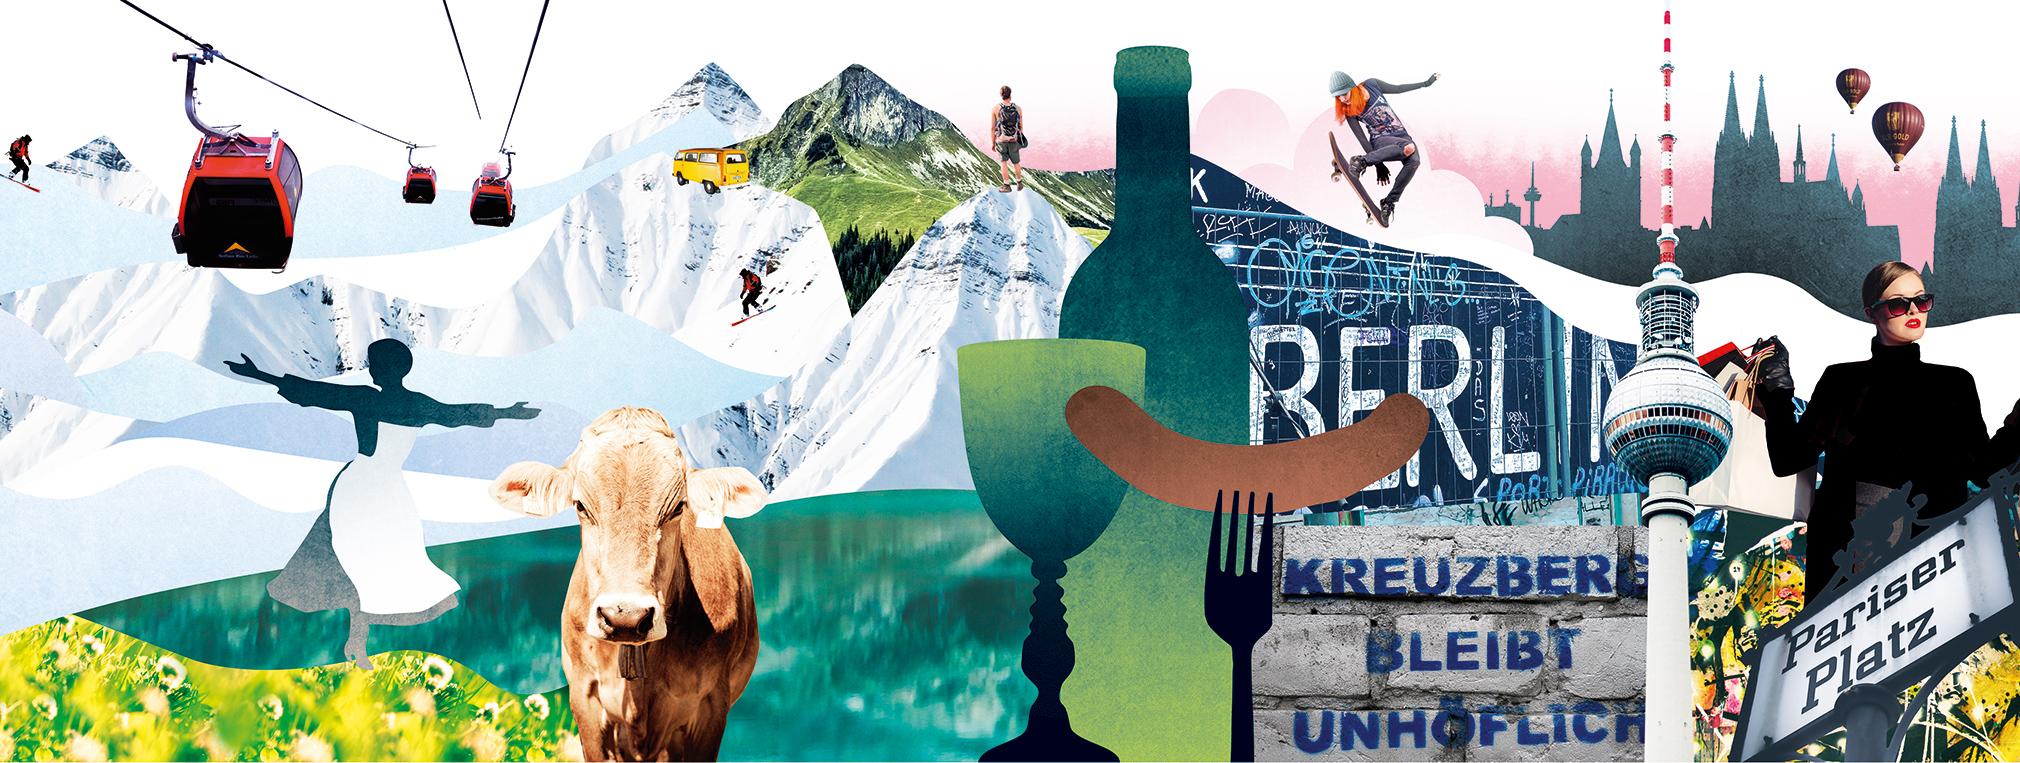 daba4dffc79 Tyskland är svenskarnas näst mest besökta semesterland. Samtidigt blir  Österrike allt populärare. Alperna lockar, liksom vingårdar, julmarknader  och coola ...